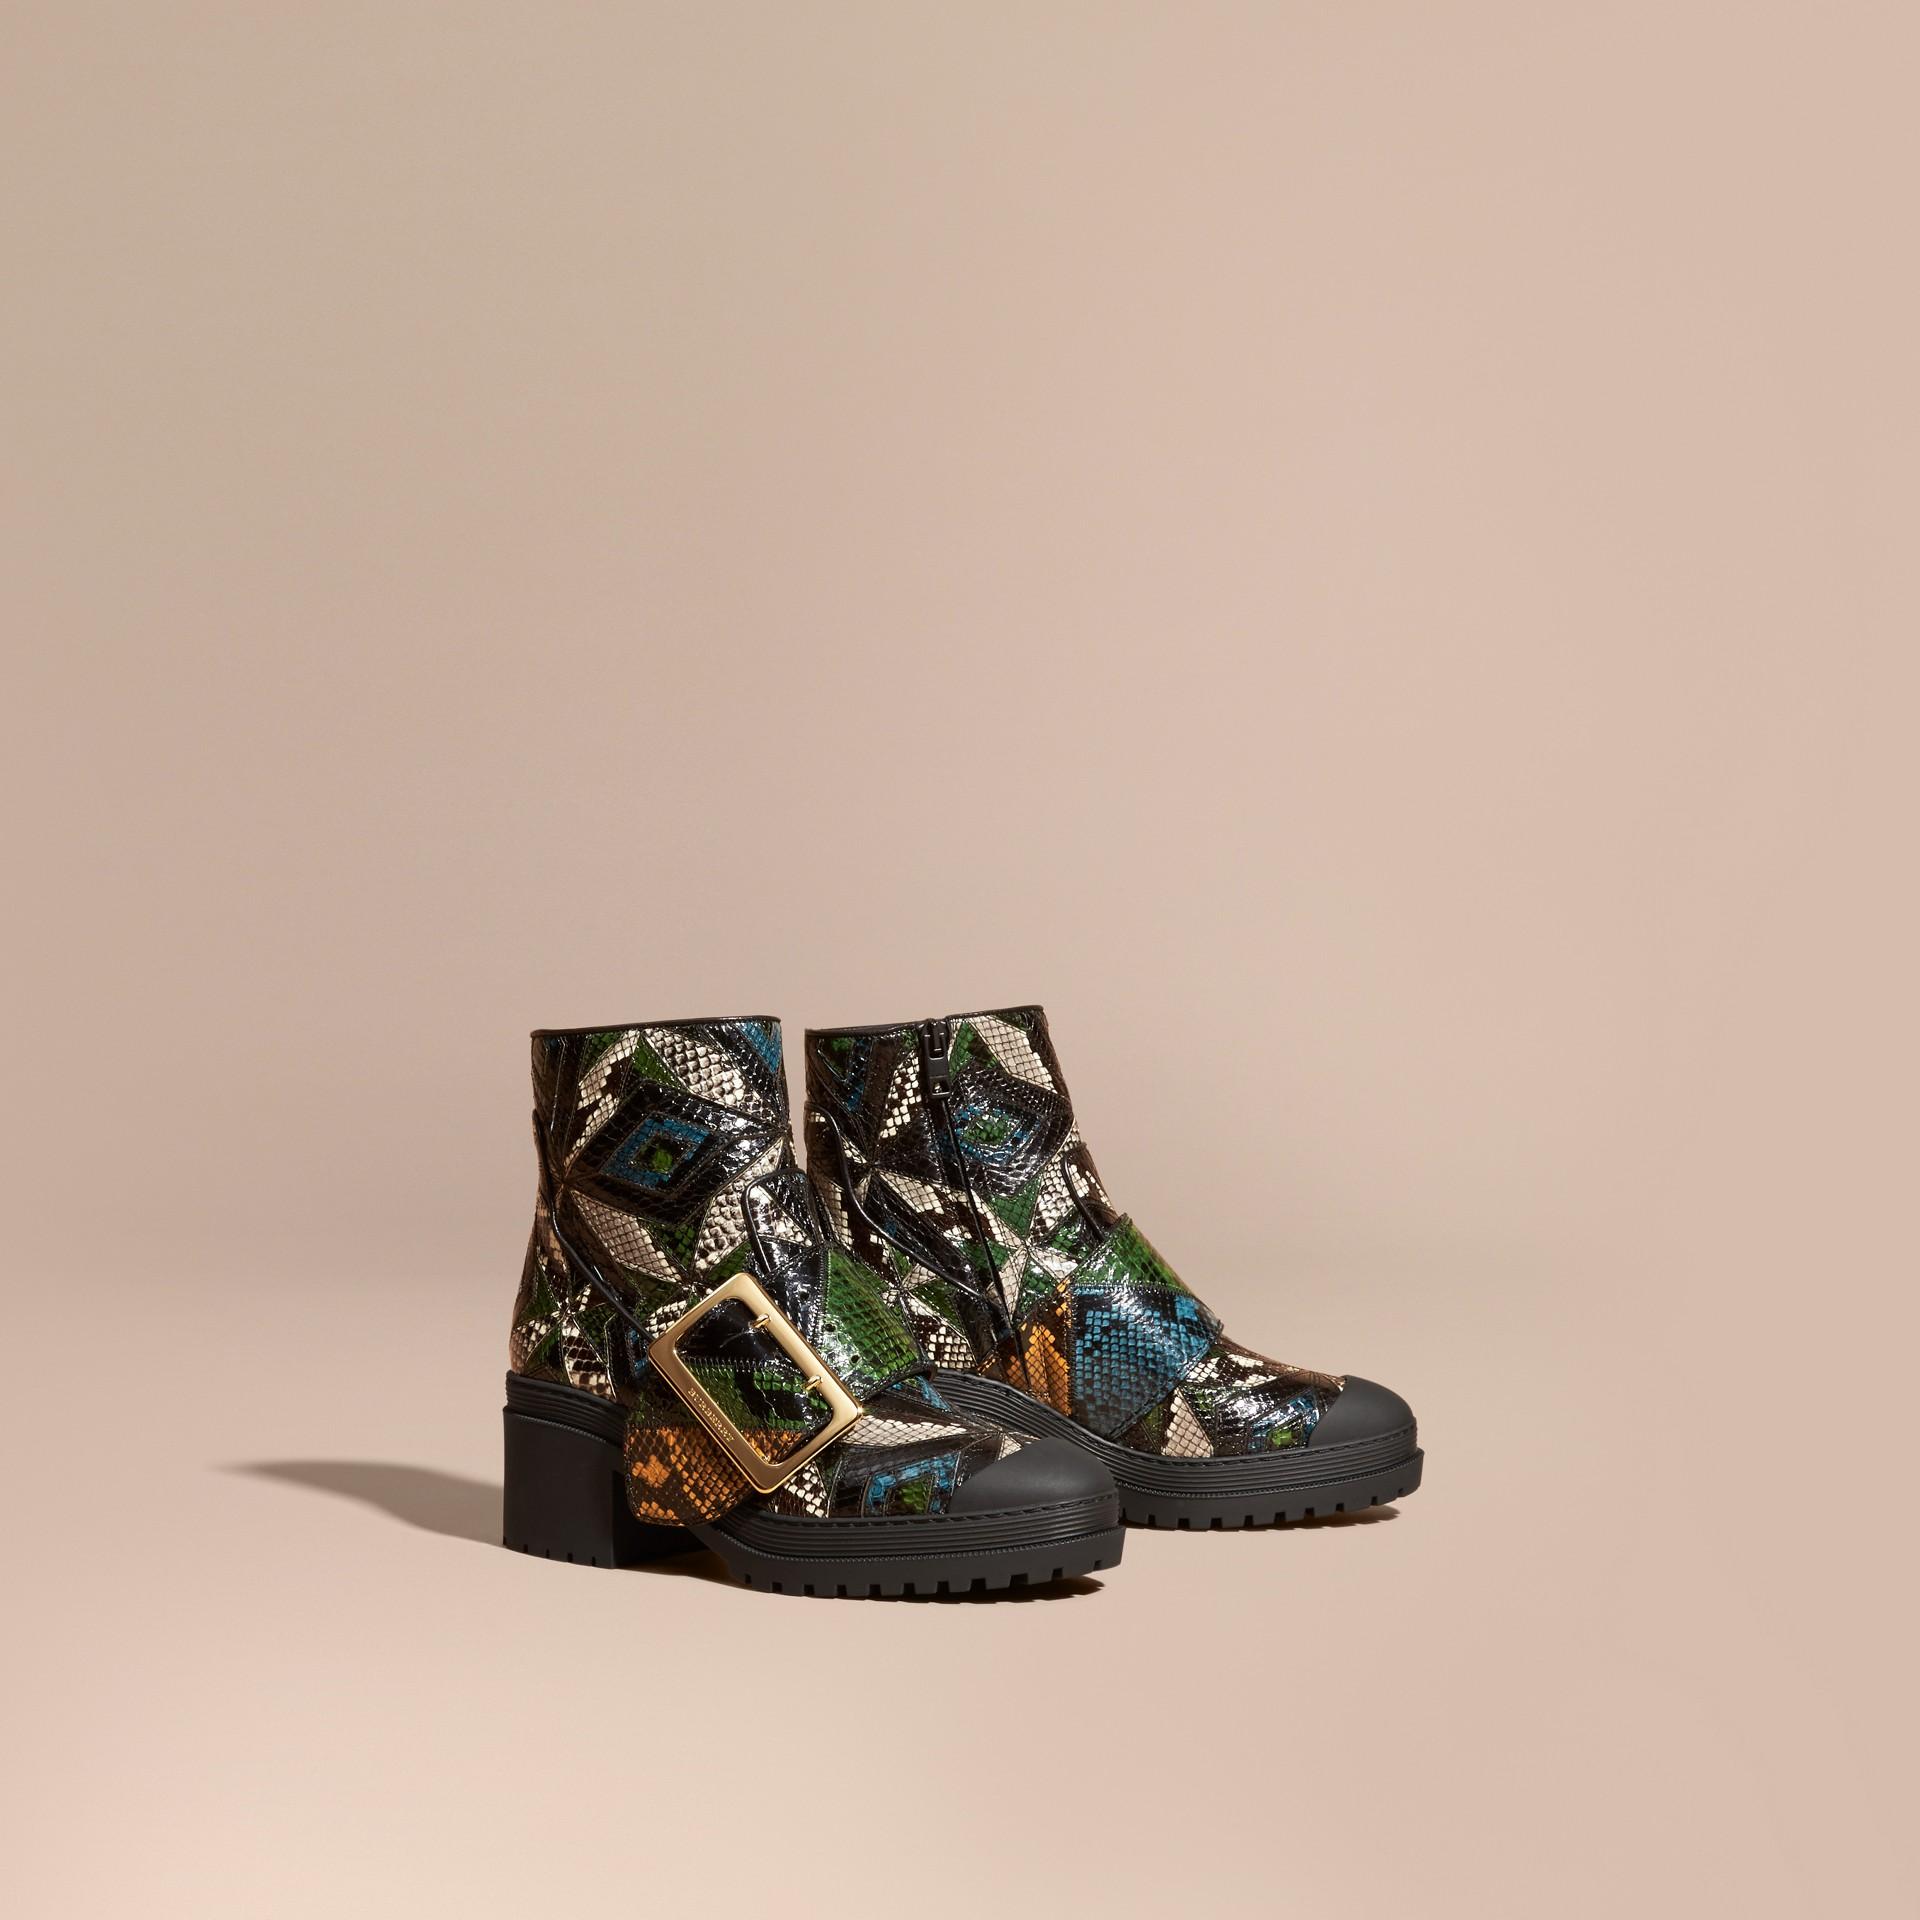 Schwarz/mineralblau The Buckle Boot aus Natternleder - Galerie-Bild 1